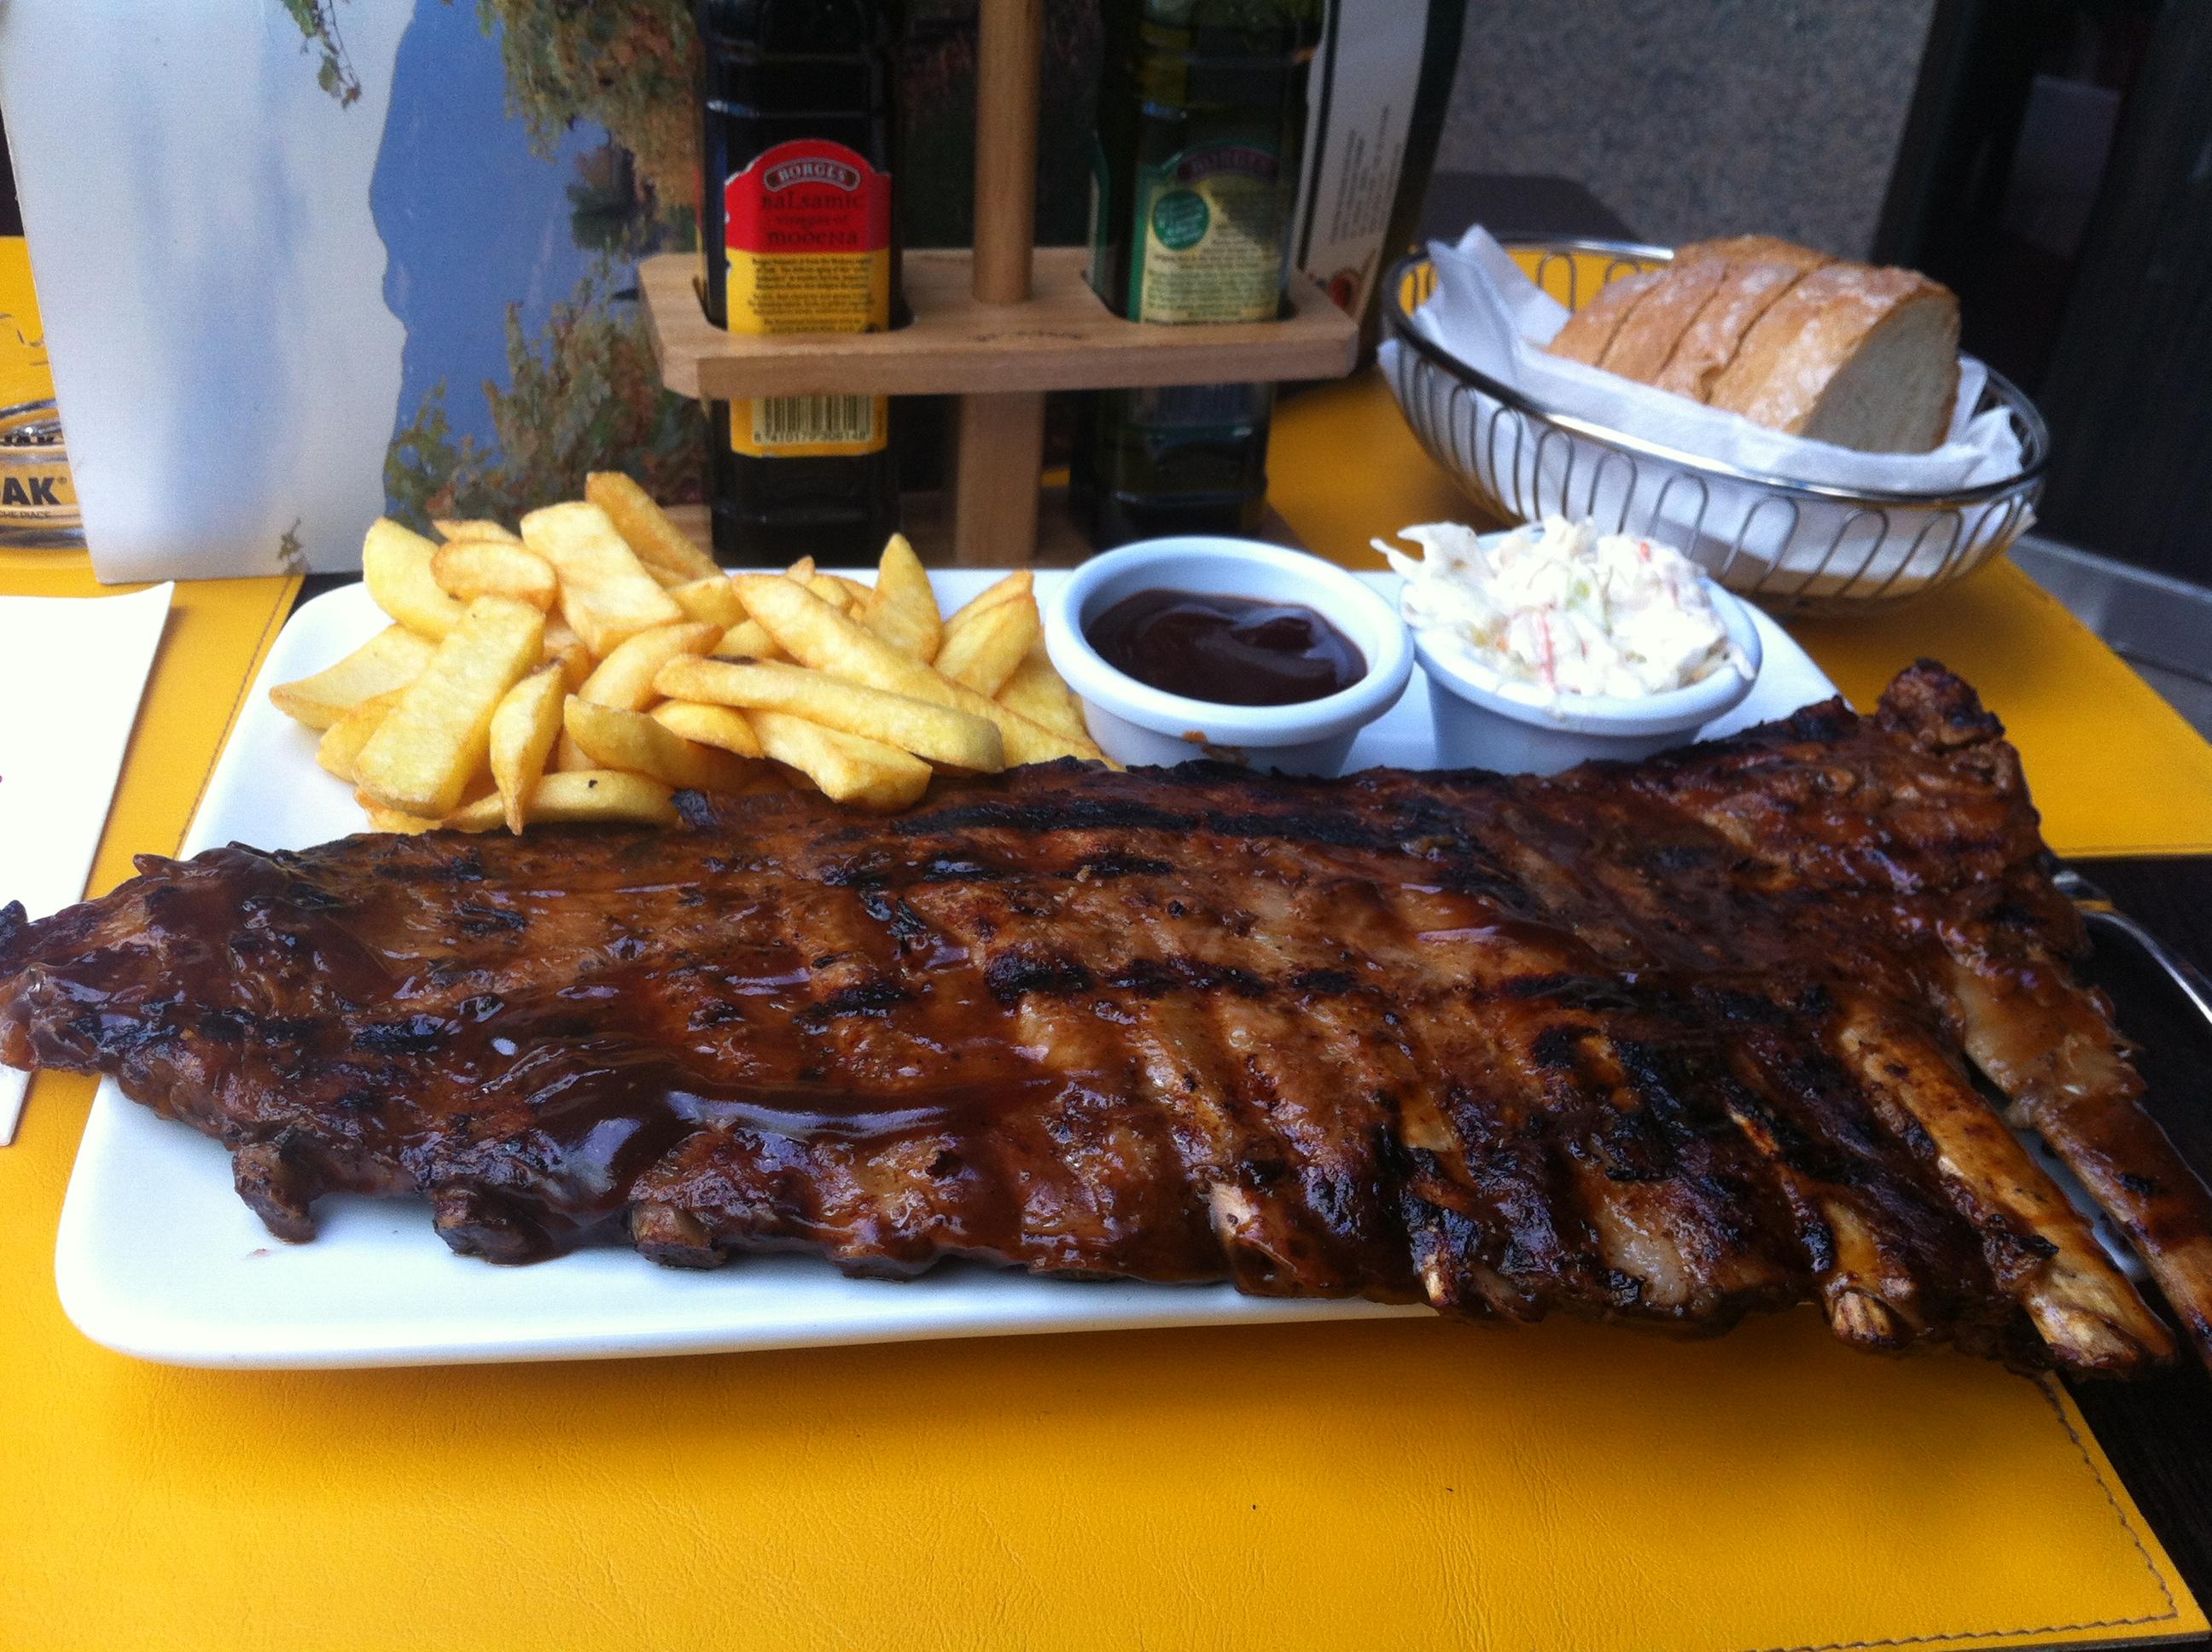 Пример блюда в ресторане - свиные ребрышки